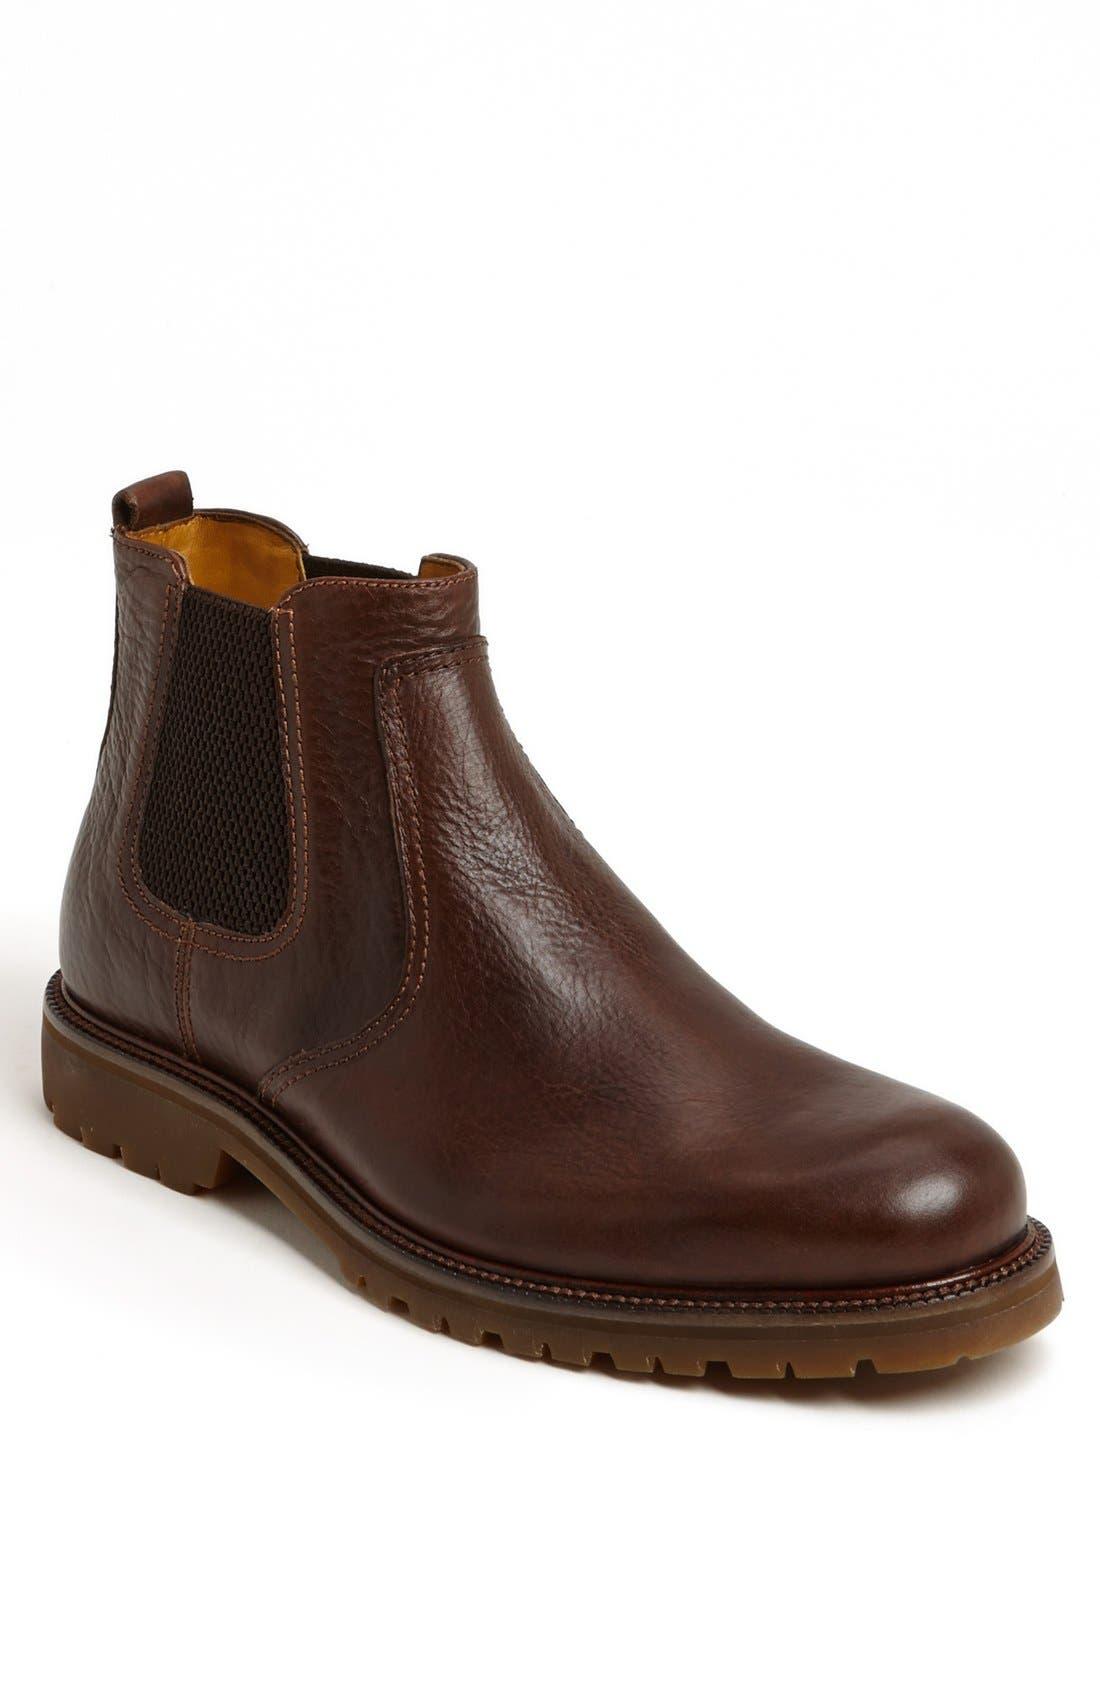 Alternate Image 1 Selected - Trask 'Garnet' Chelsea Boot